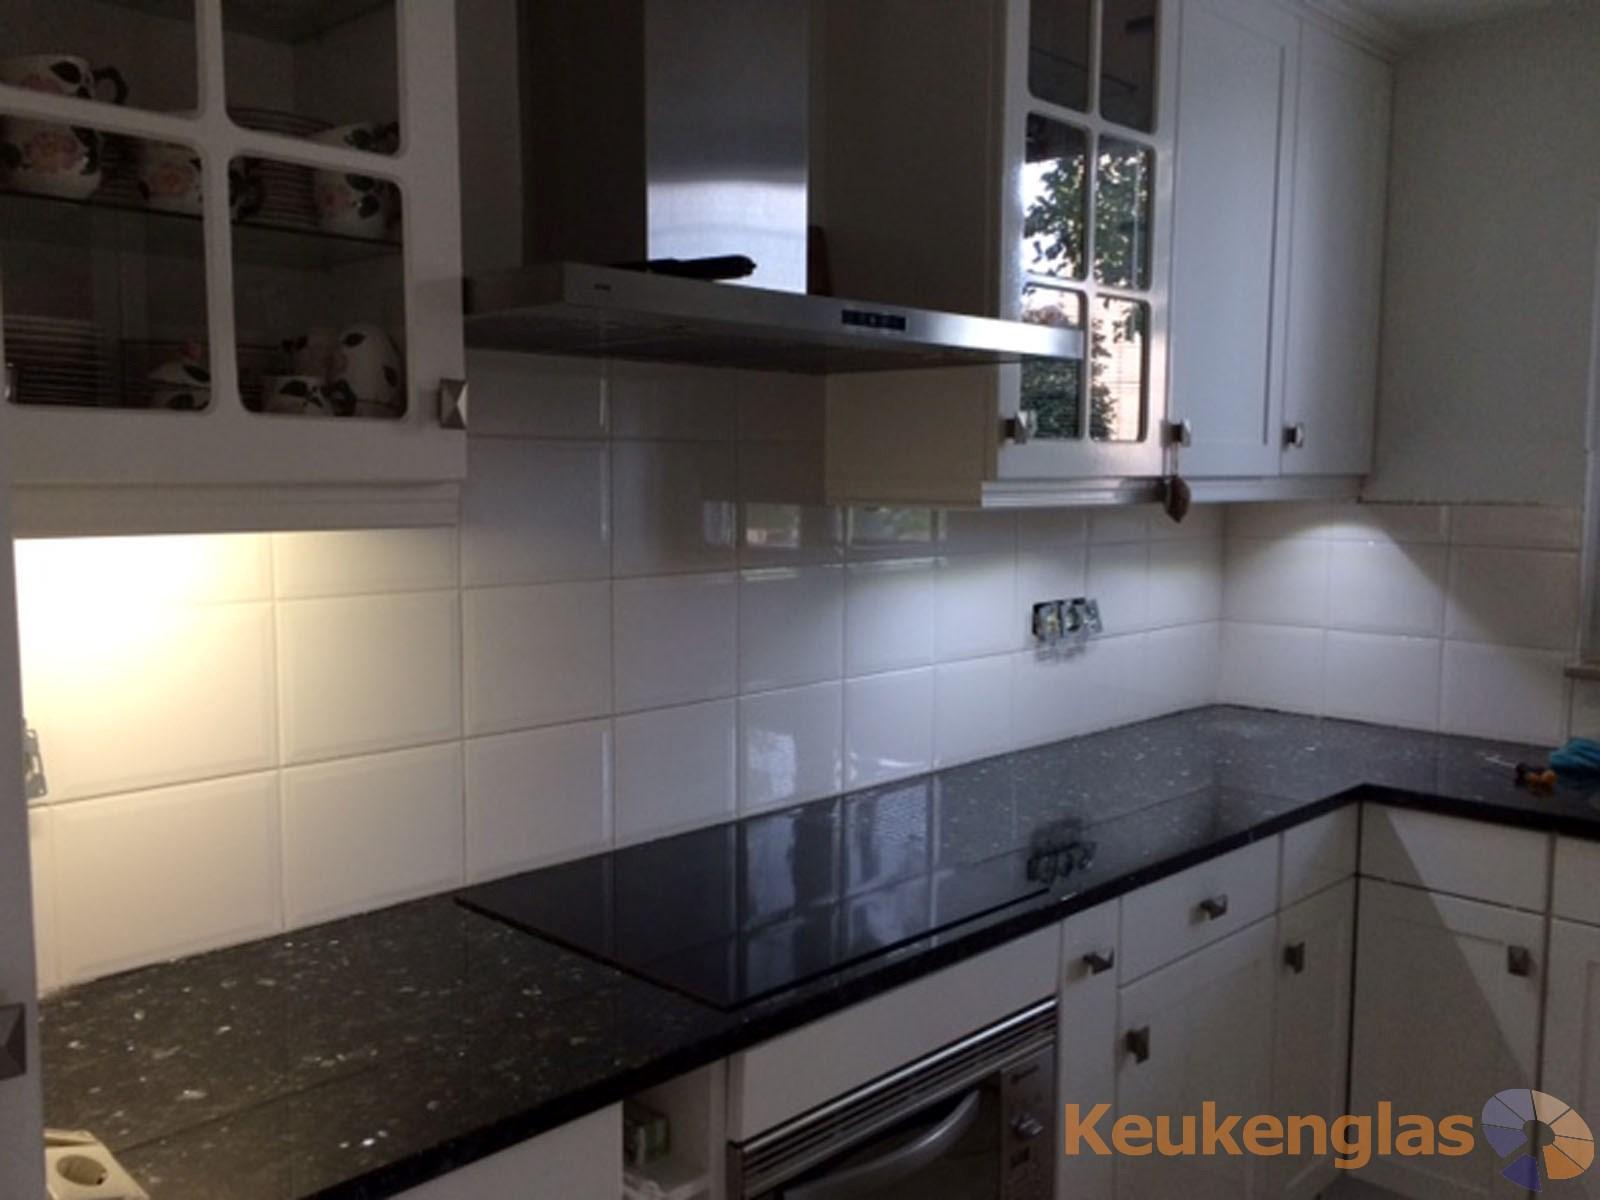 gele keuken glaswand in helmond - keukenglas, Deco ideeën